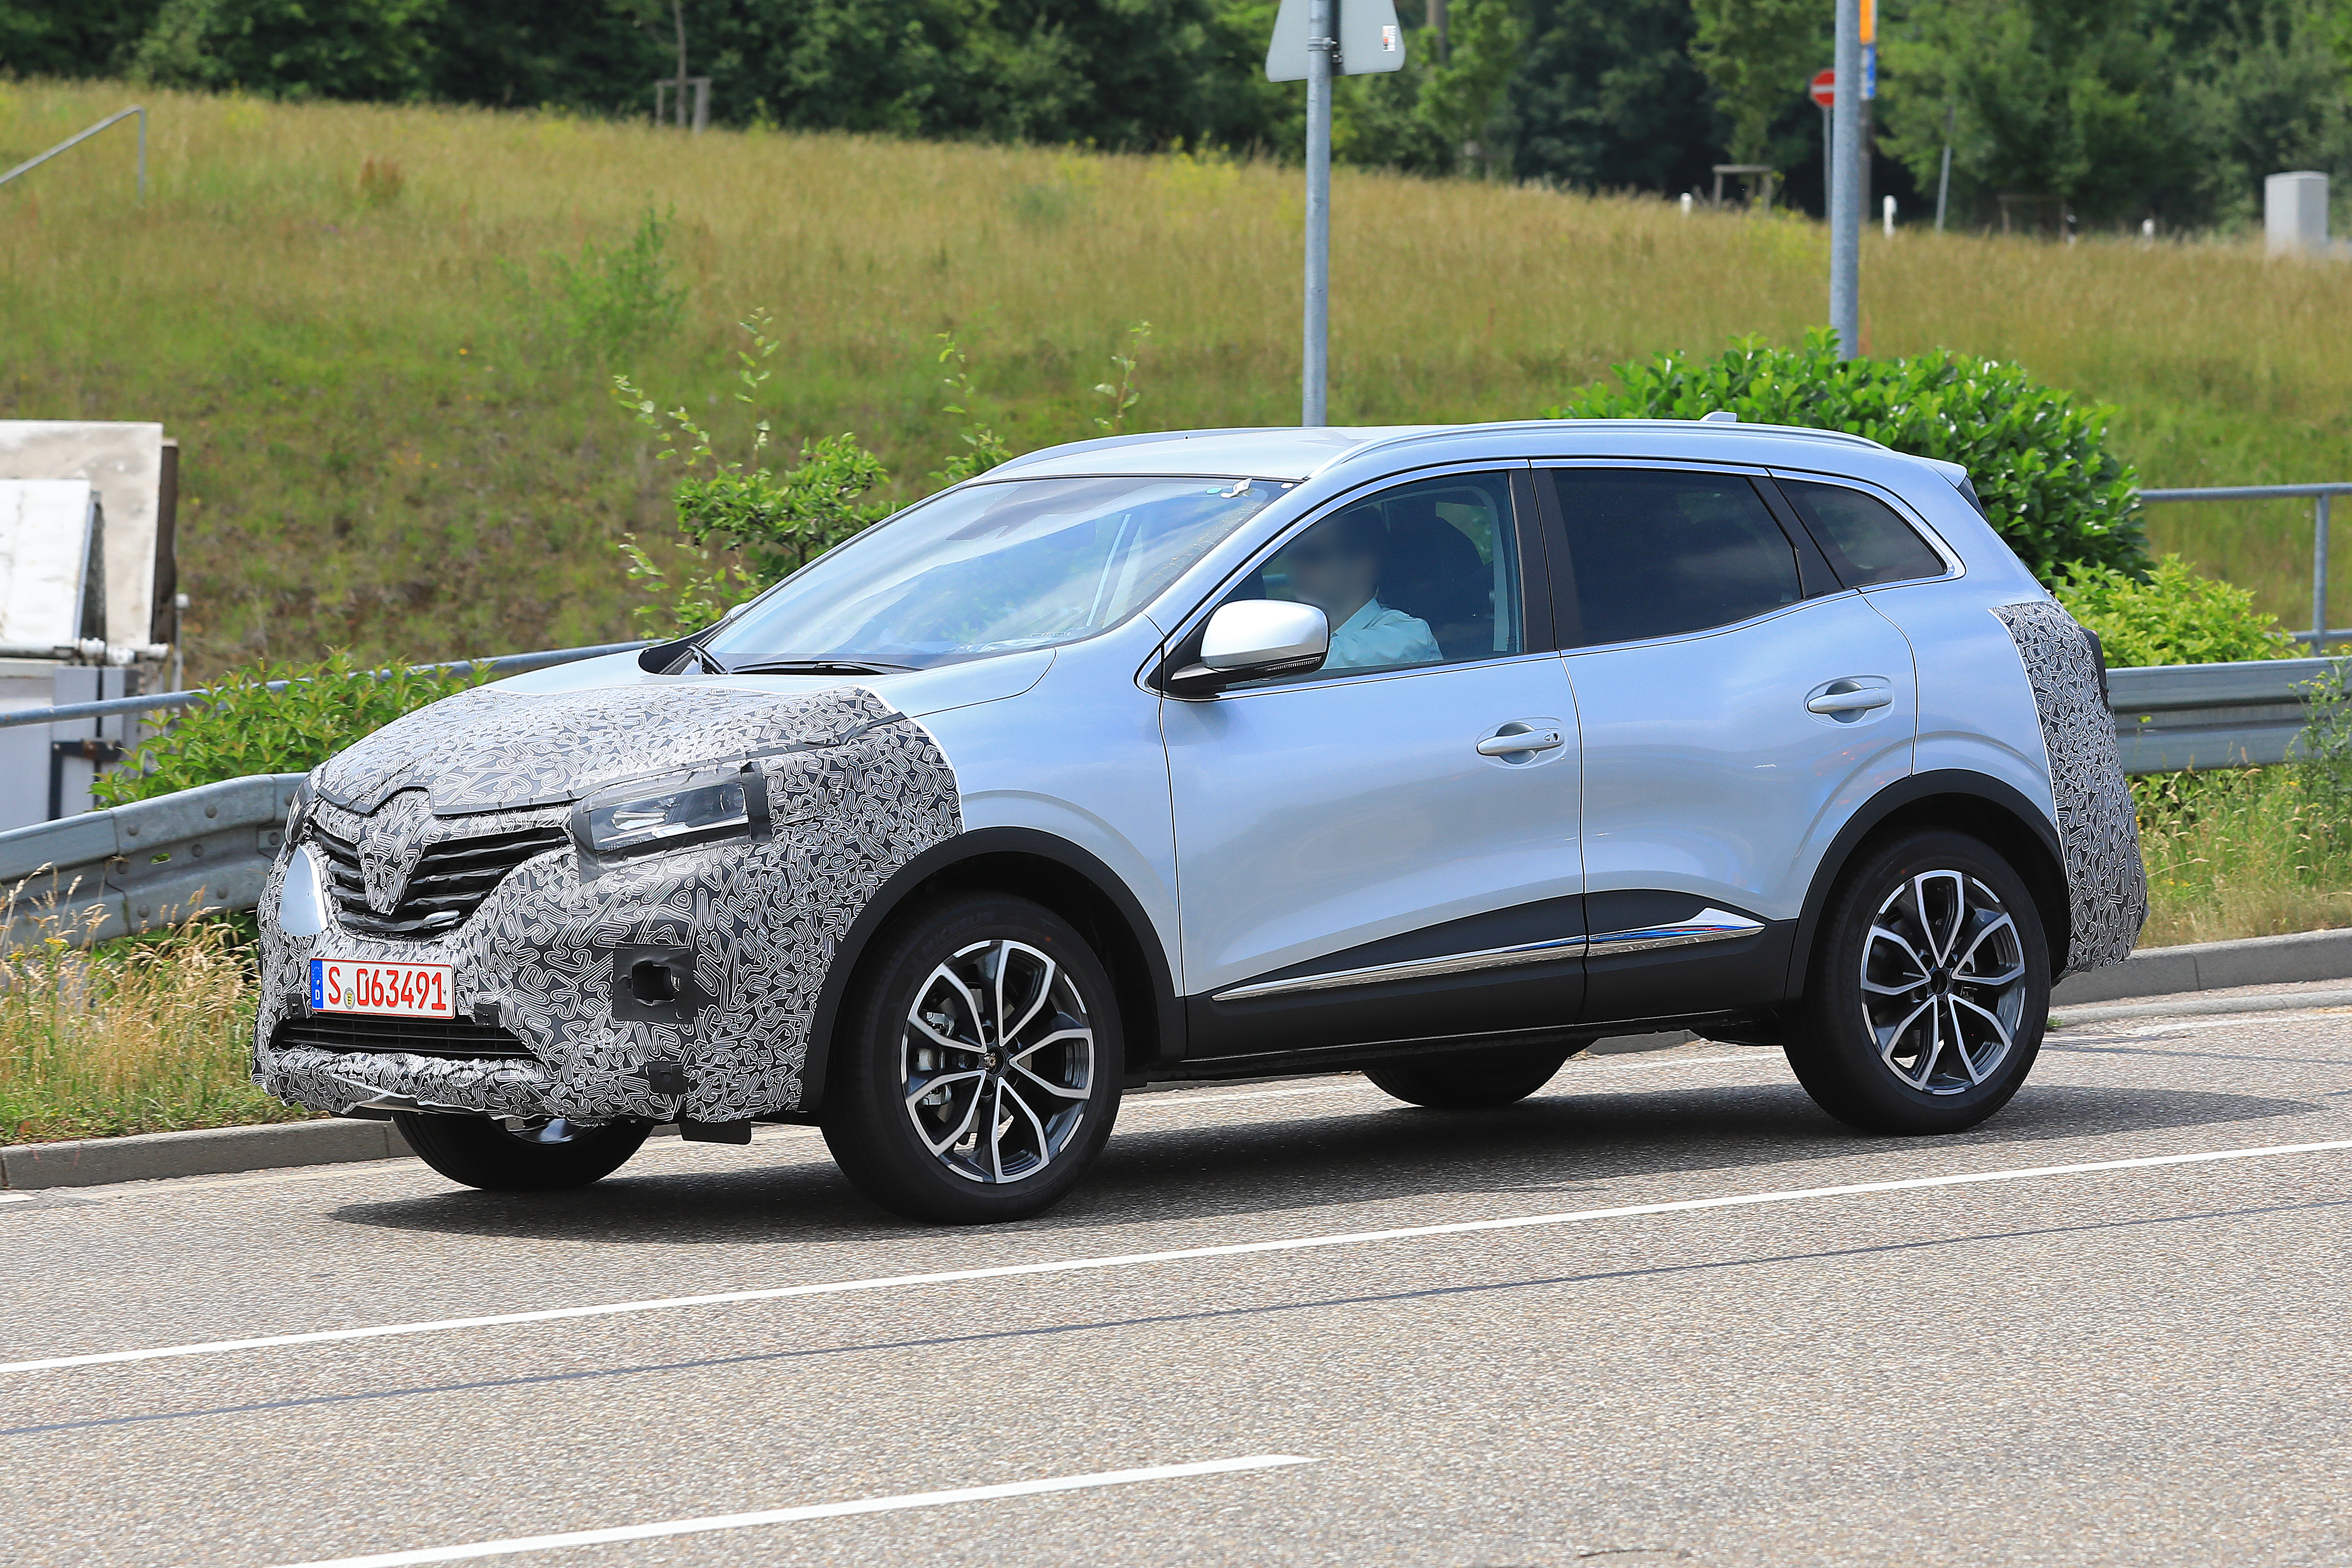 Renault Kadjar 2017 >> Salakuvissa Renault Kadjar Tuulilasi